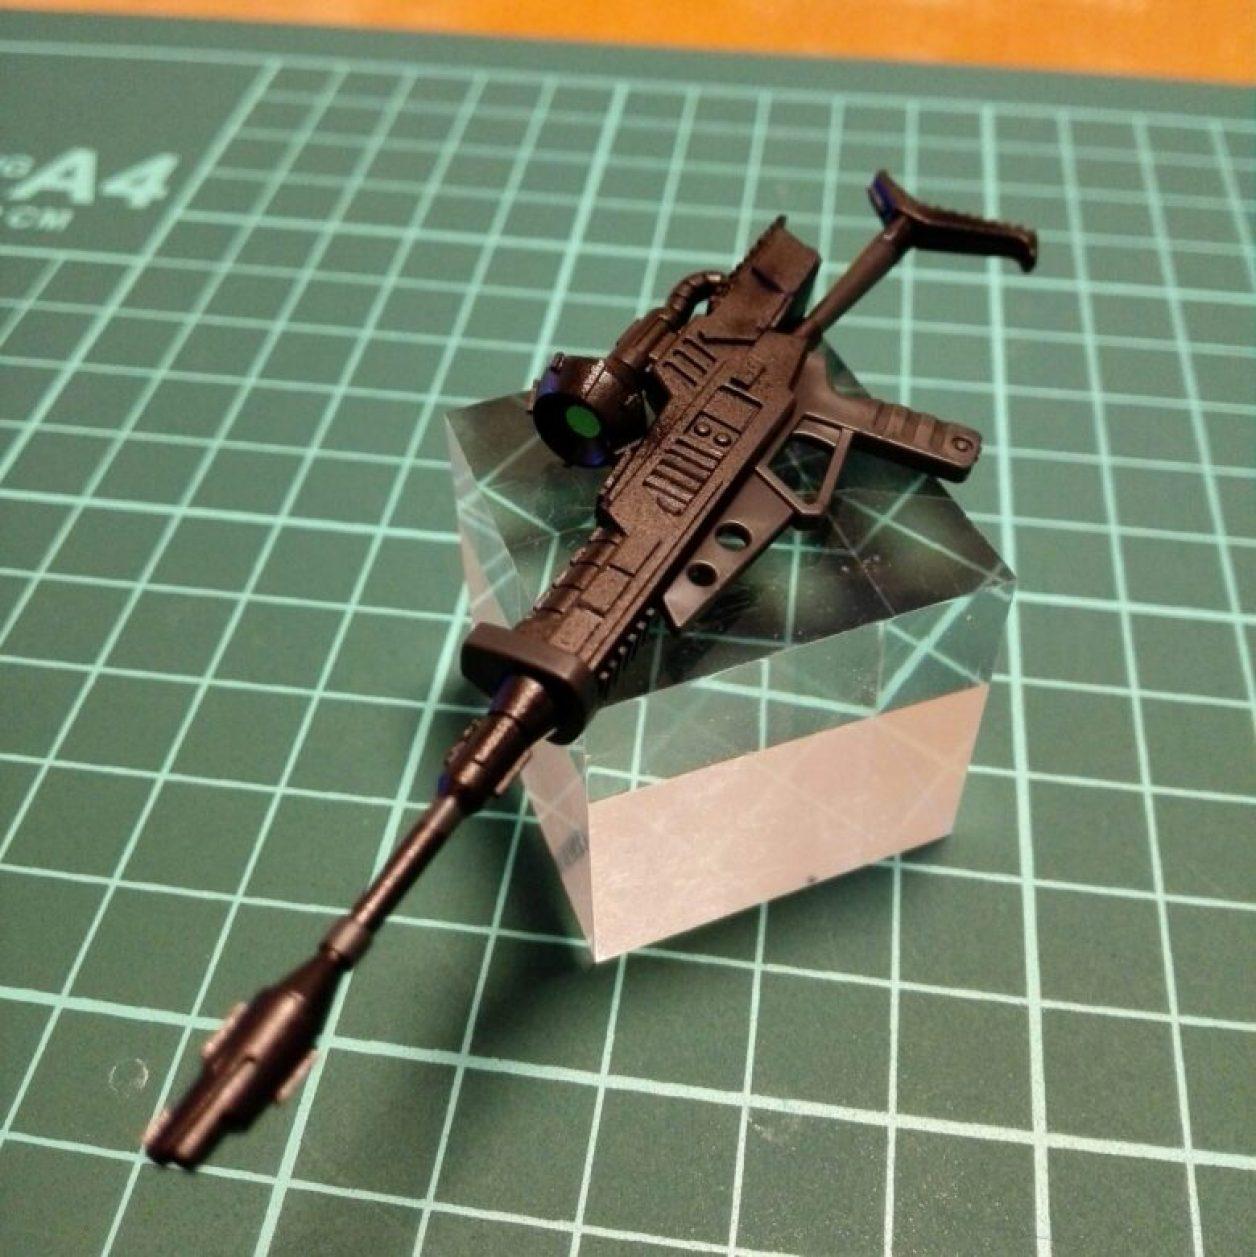 hg 1/144 ジョニー・ライデン専用ゲルググのビーム・ライフルをガンダムマーカーエアブラシで塗装してサイトレンズを接着した画像